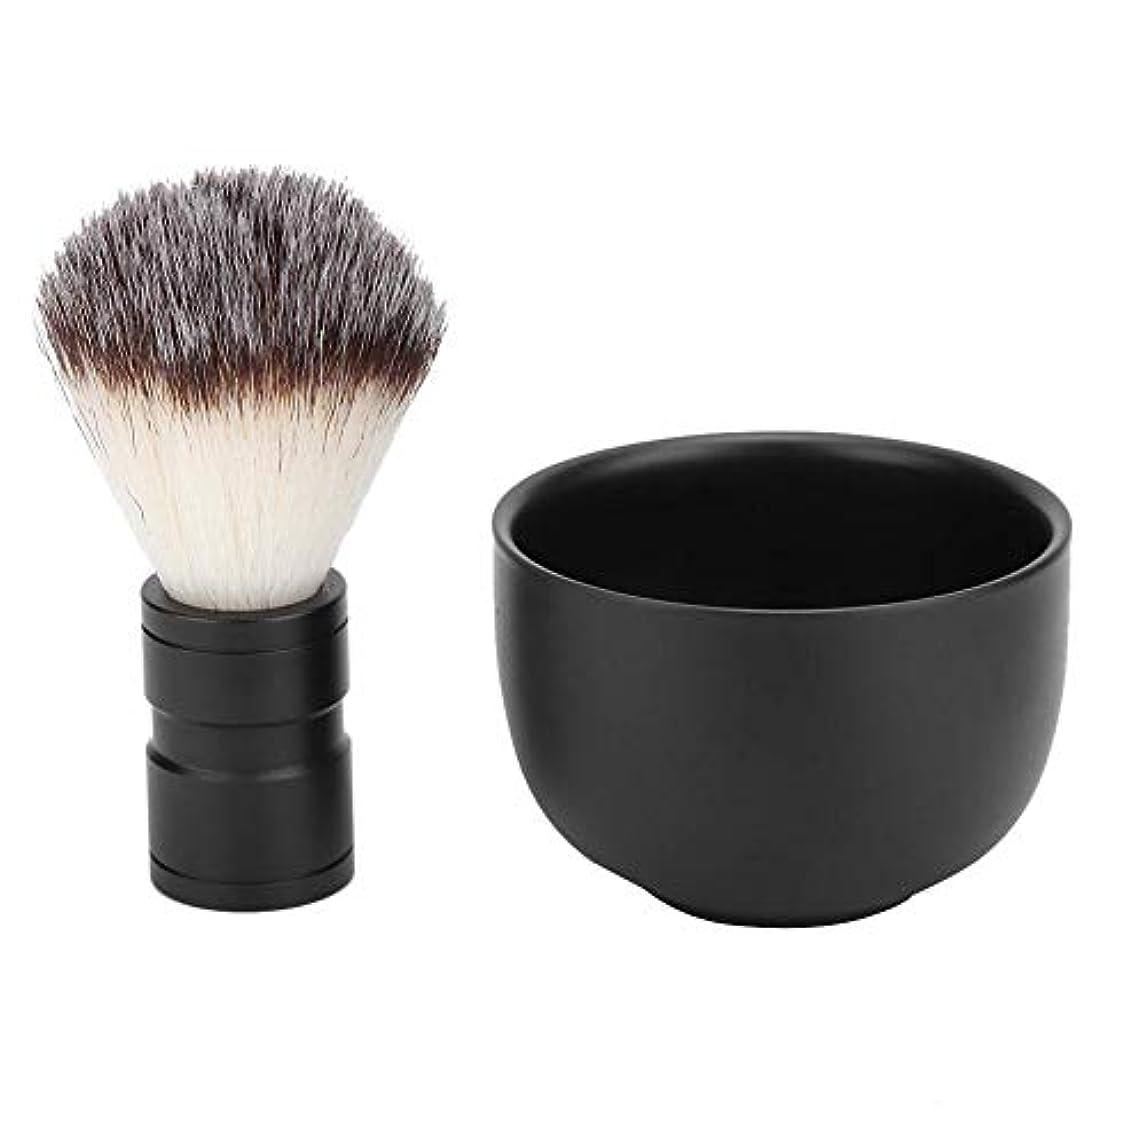 トンネル力学桃シェービングソープボウルブラシ、柔らかい毛ブラシひげクリーニングツールキット(#1)